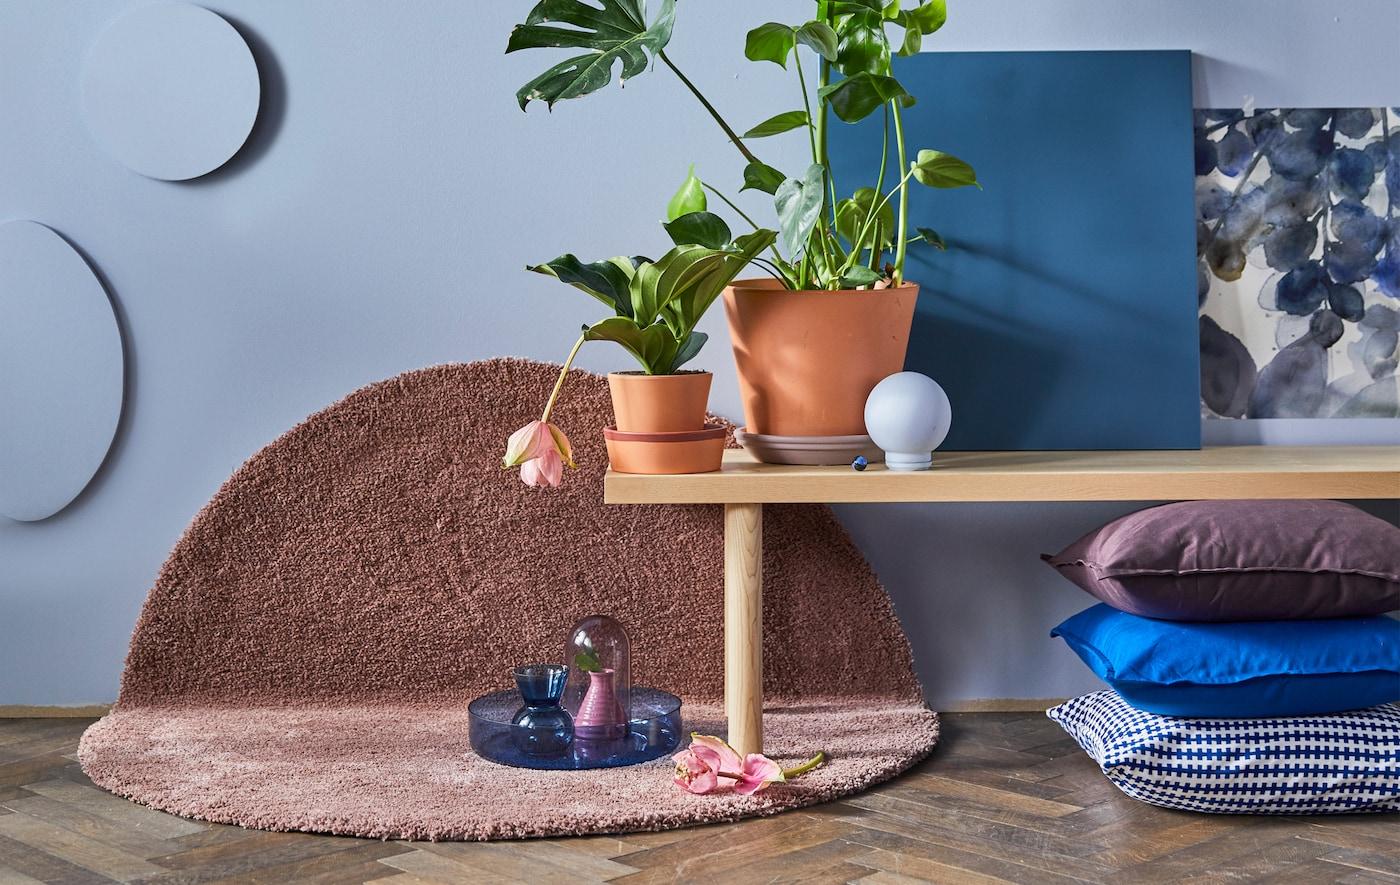 Naturfarbene Bank mit 2 Topfpflanzen, die auf einem rosafarbenen Teppich vor einer blauen Wand steht